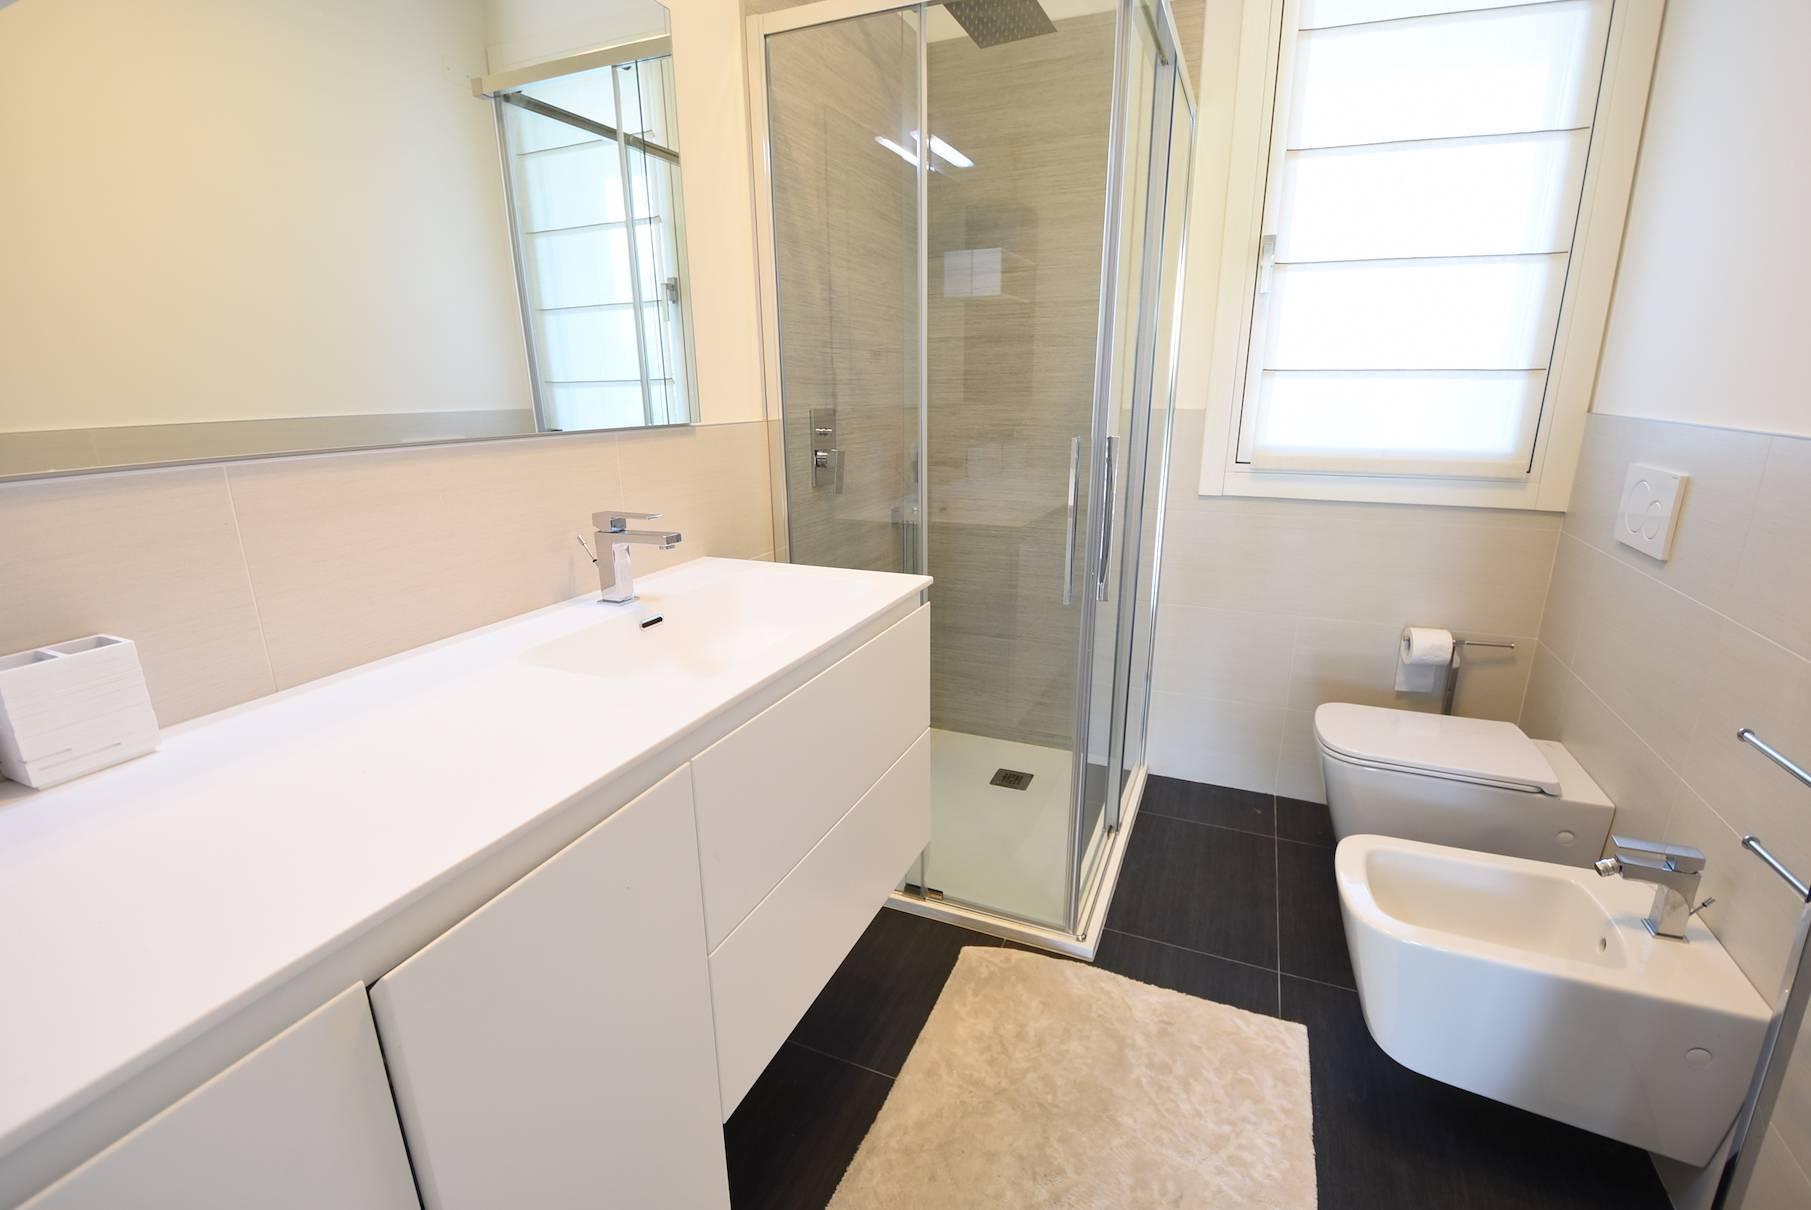 bagno-appartamento-1085795675